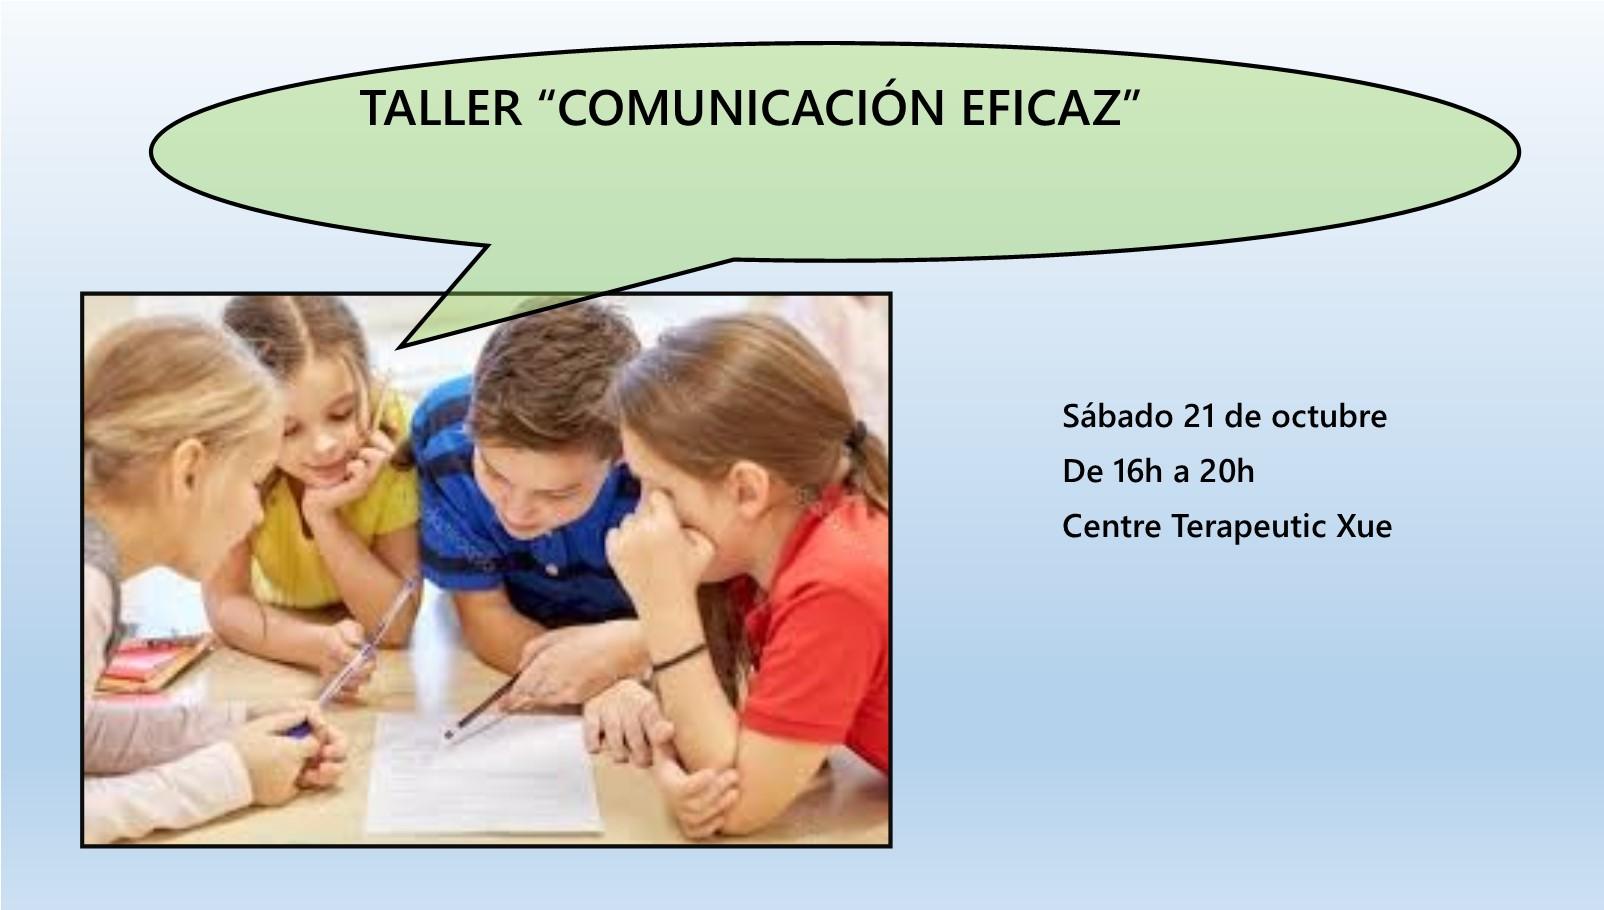 taller comunicación eficaz, comunicación asertiva